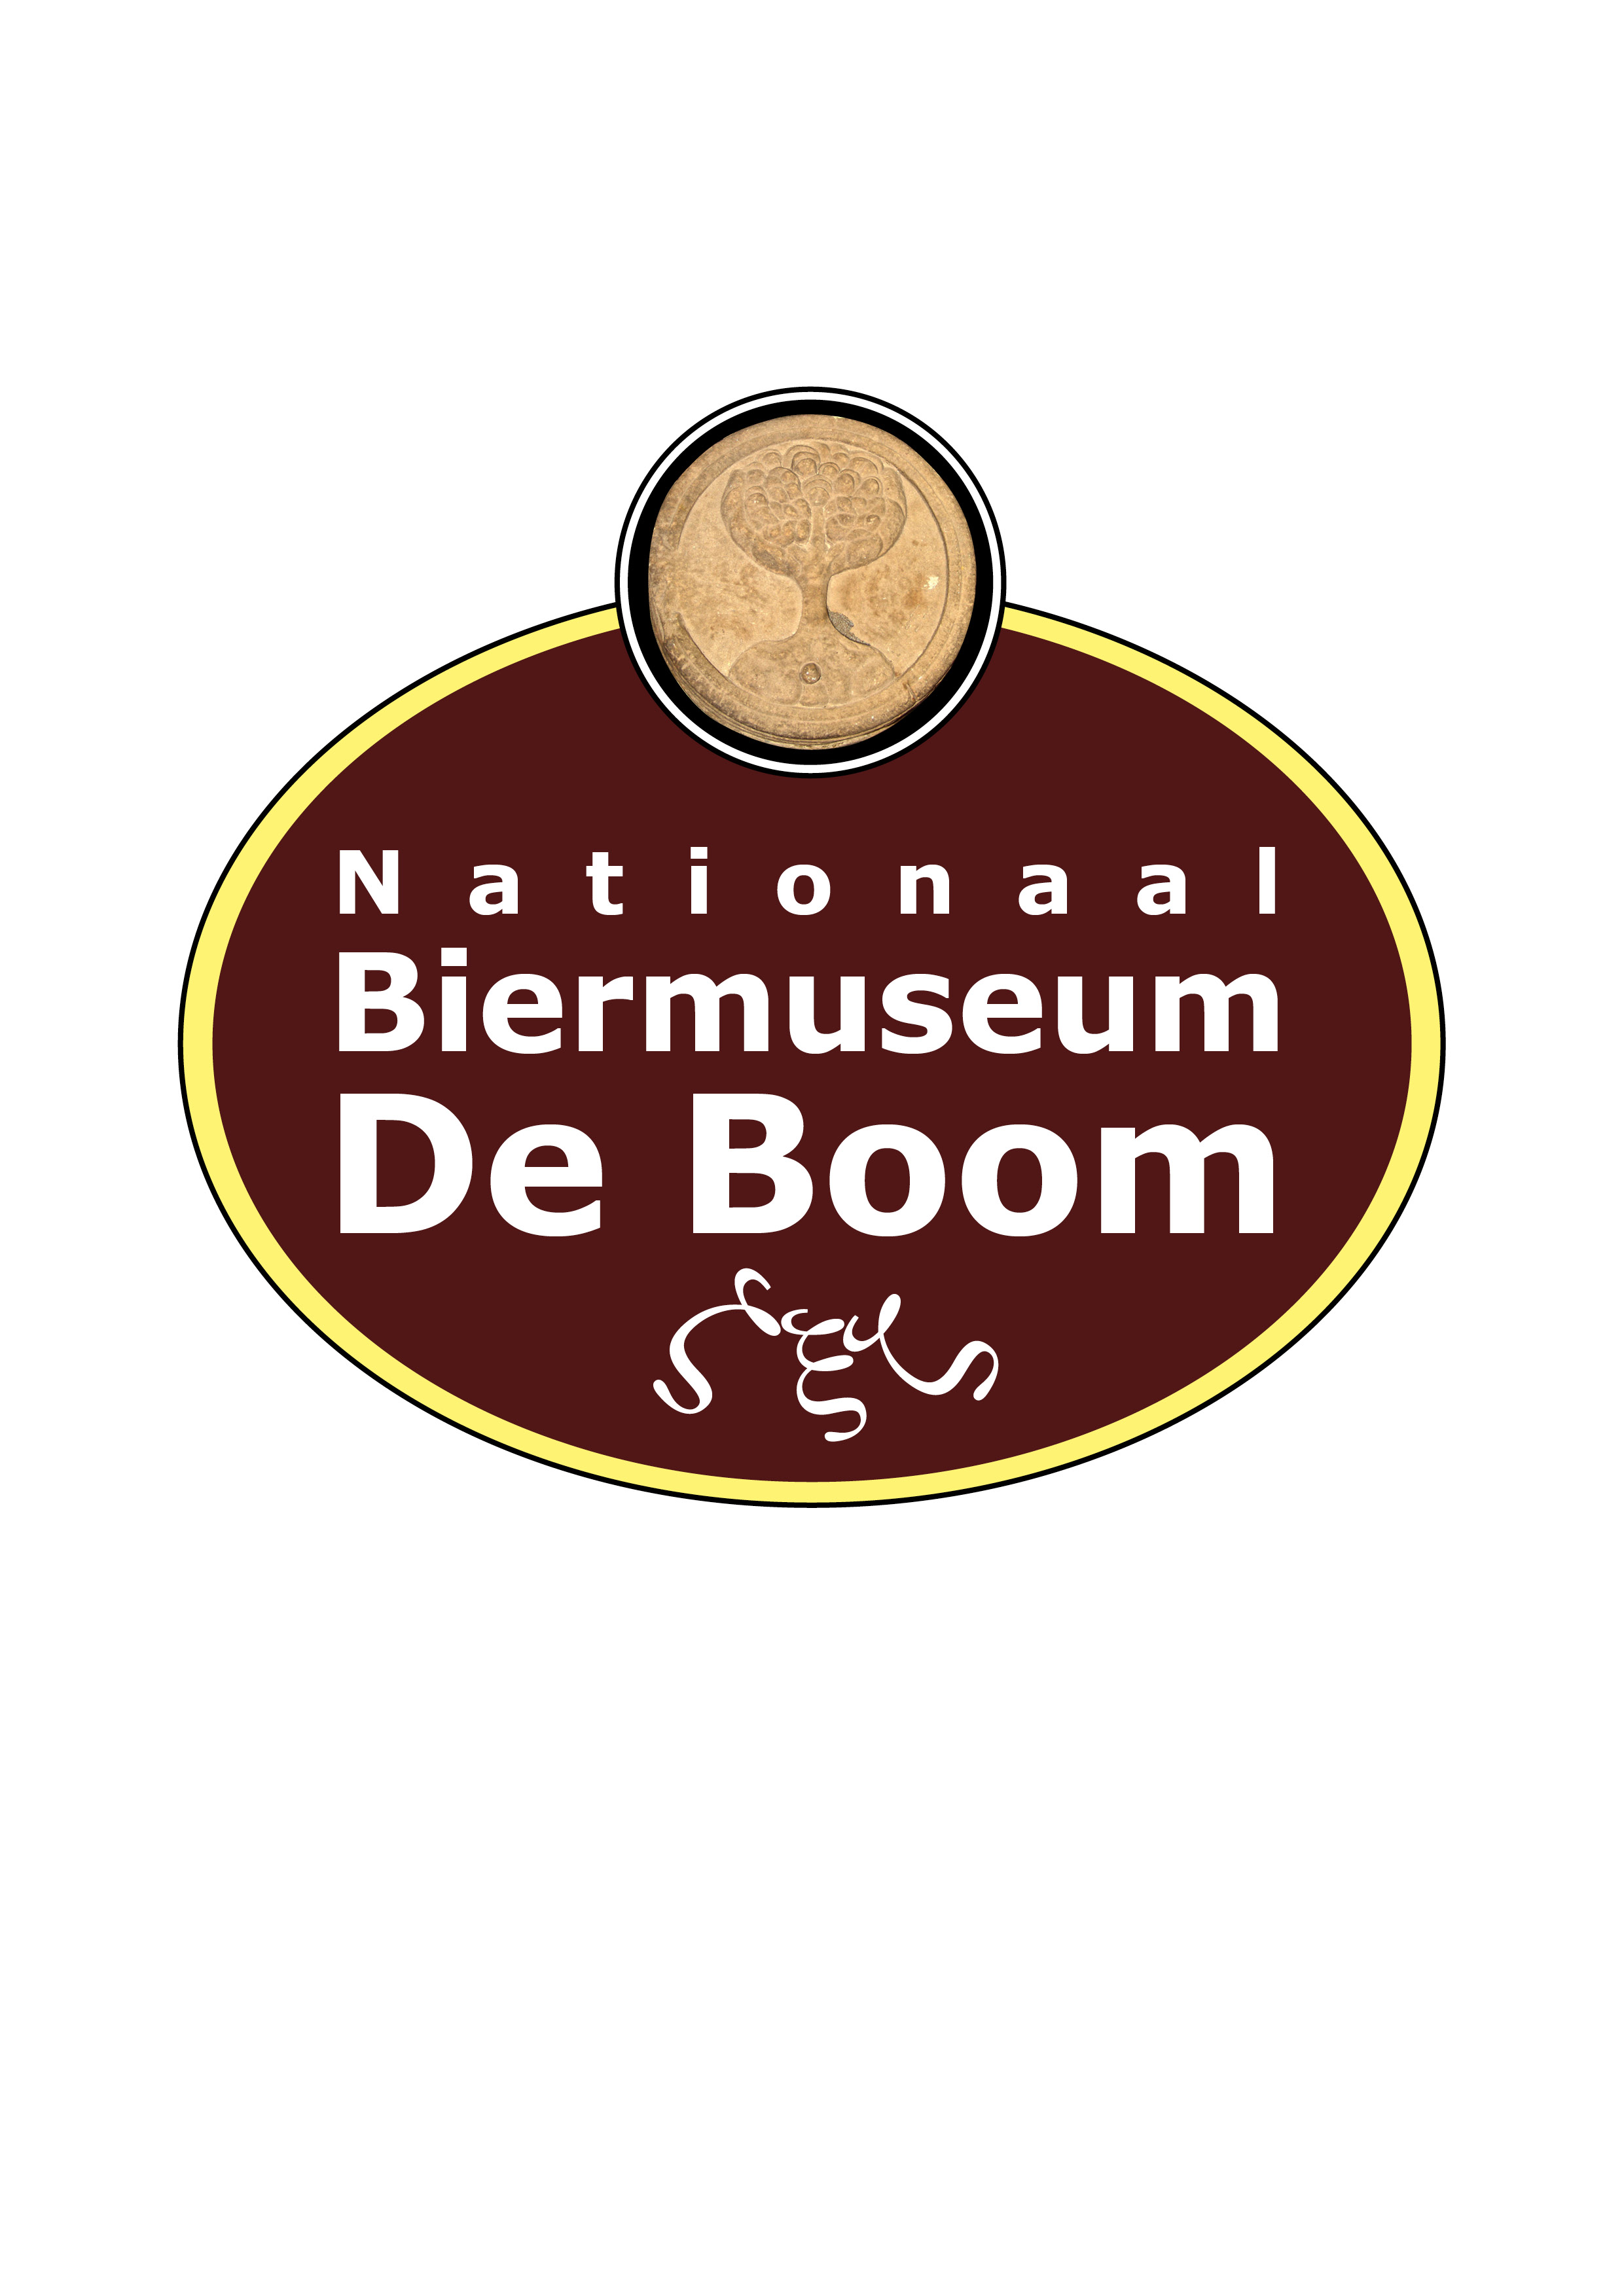 Biermuseum De Boom te Alkmaar